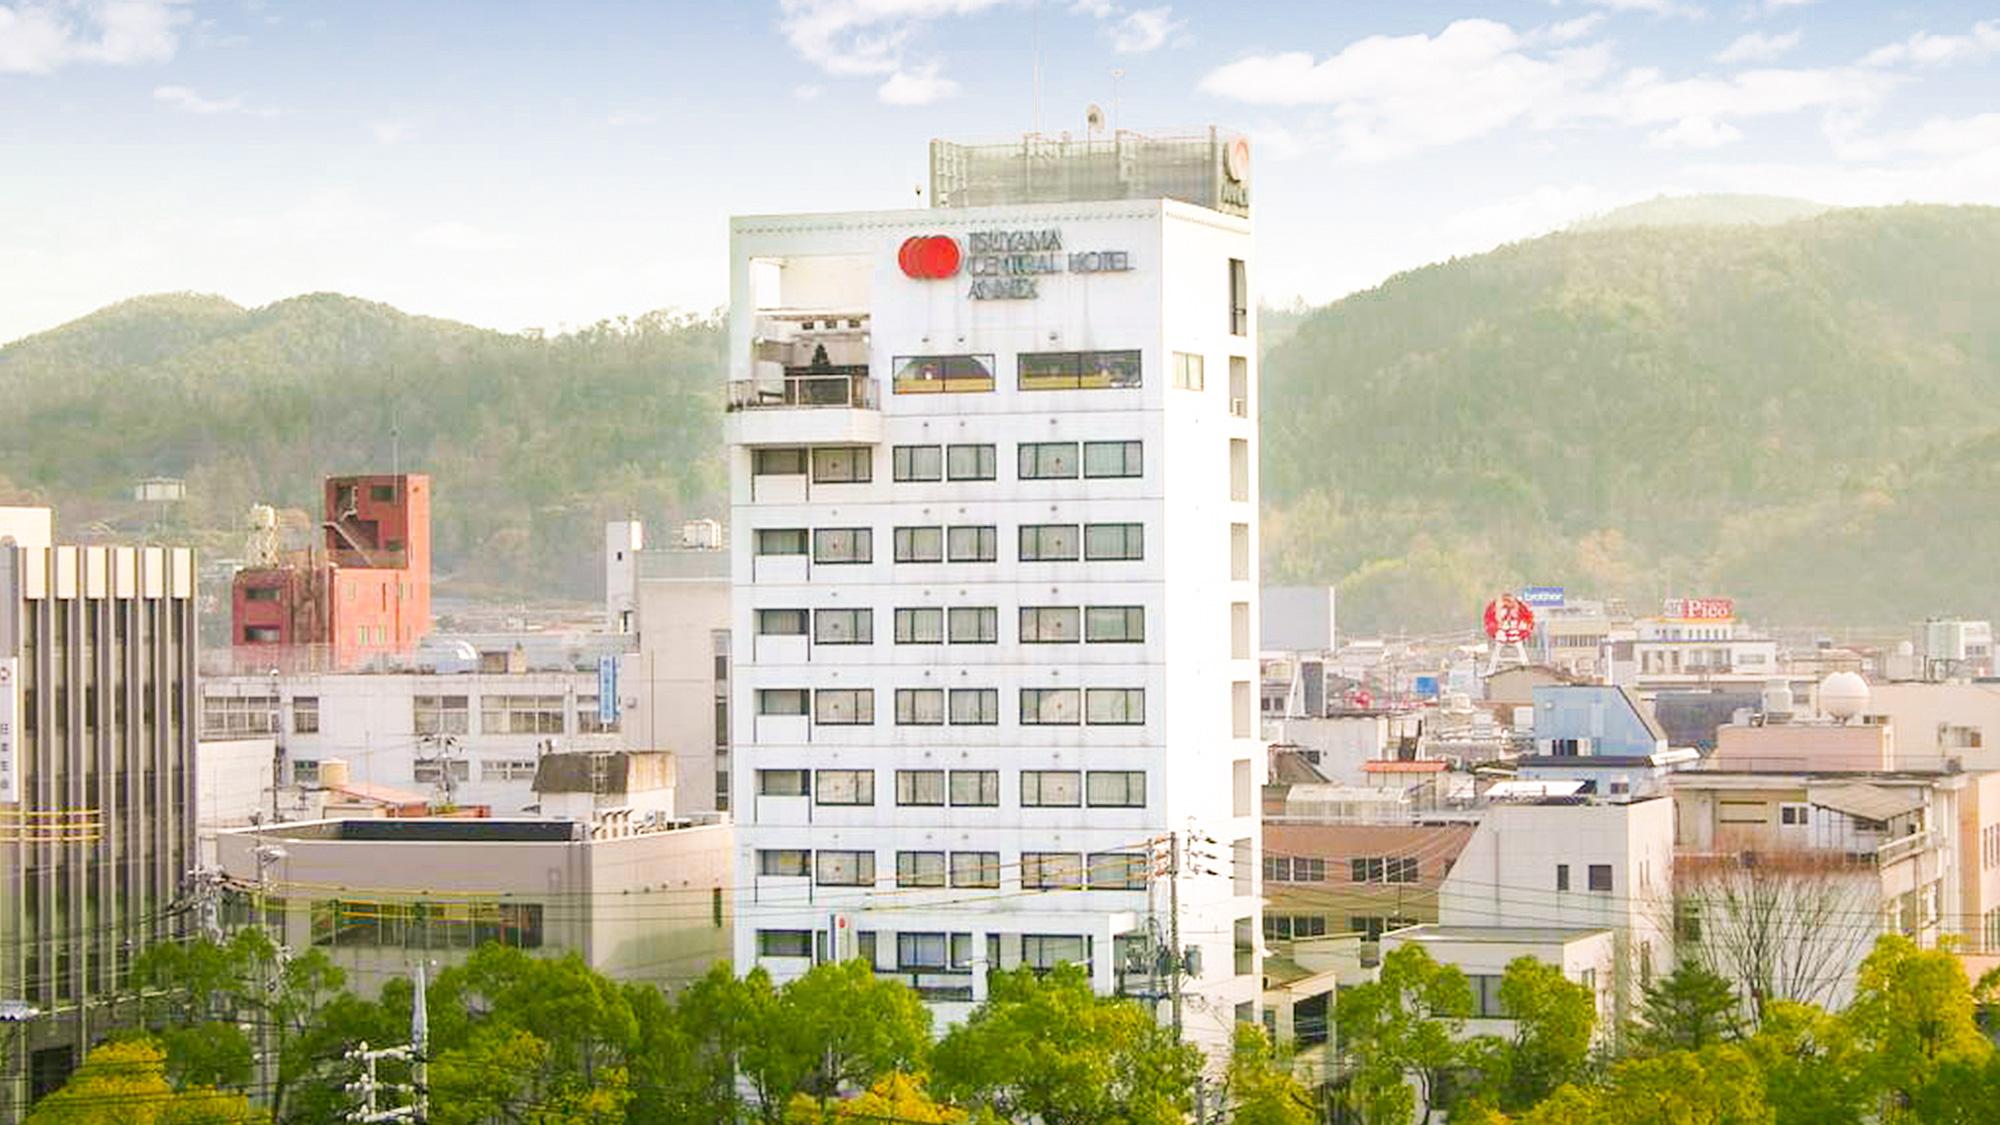 津山セントラルホテル 新館アネックス